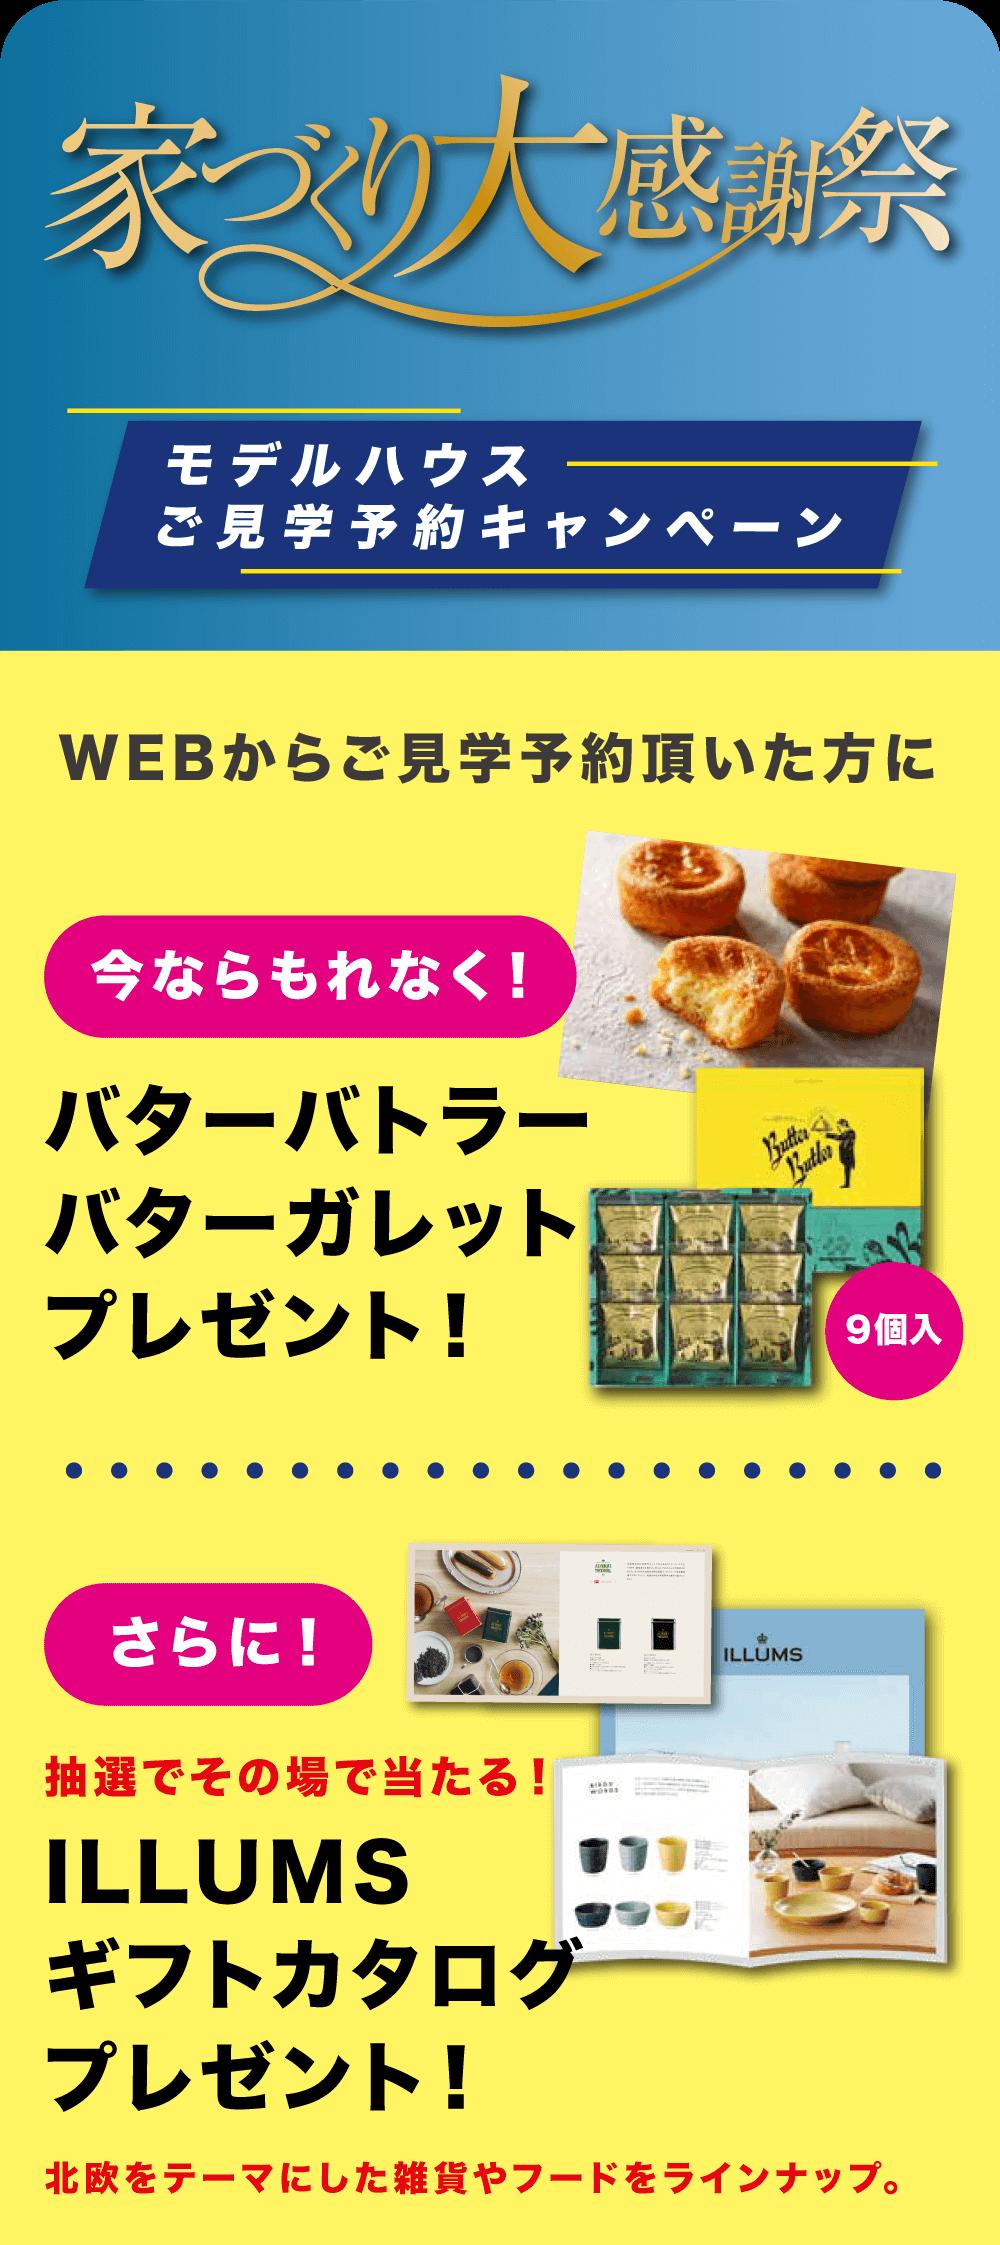 キャンペーン・スマホ